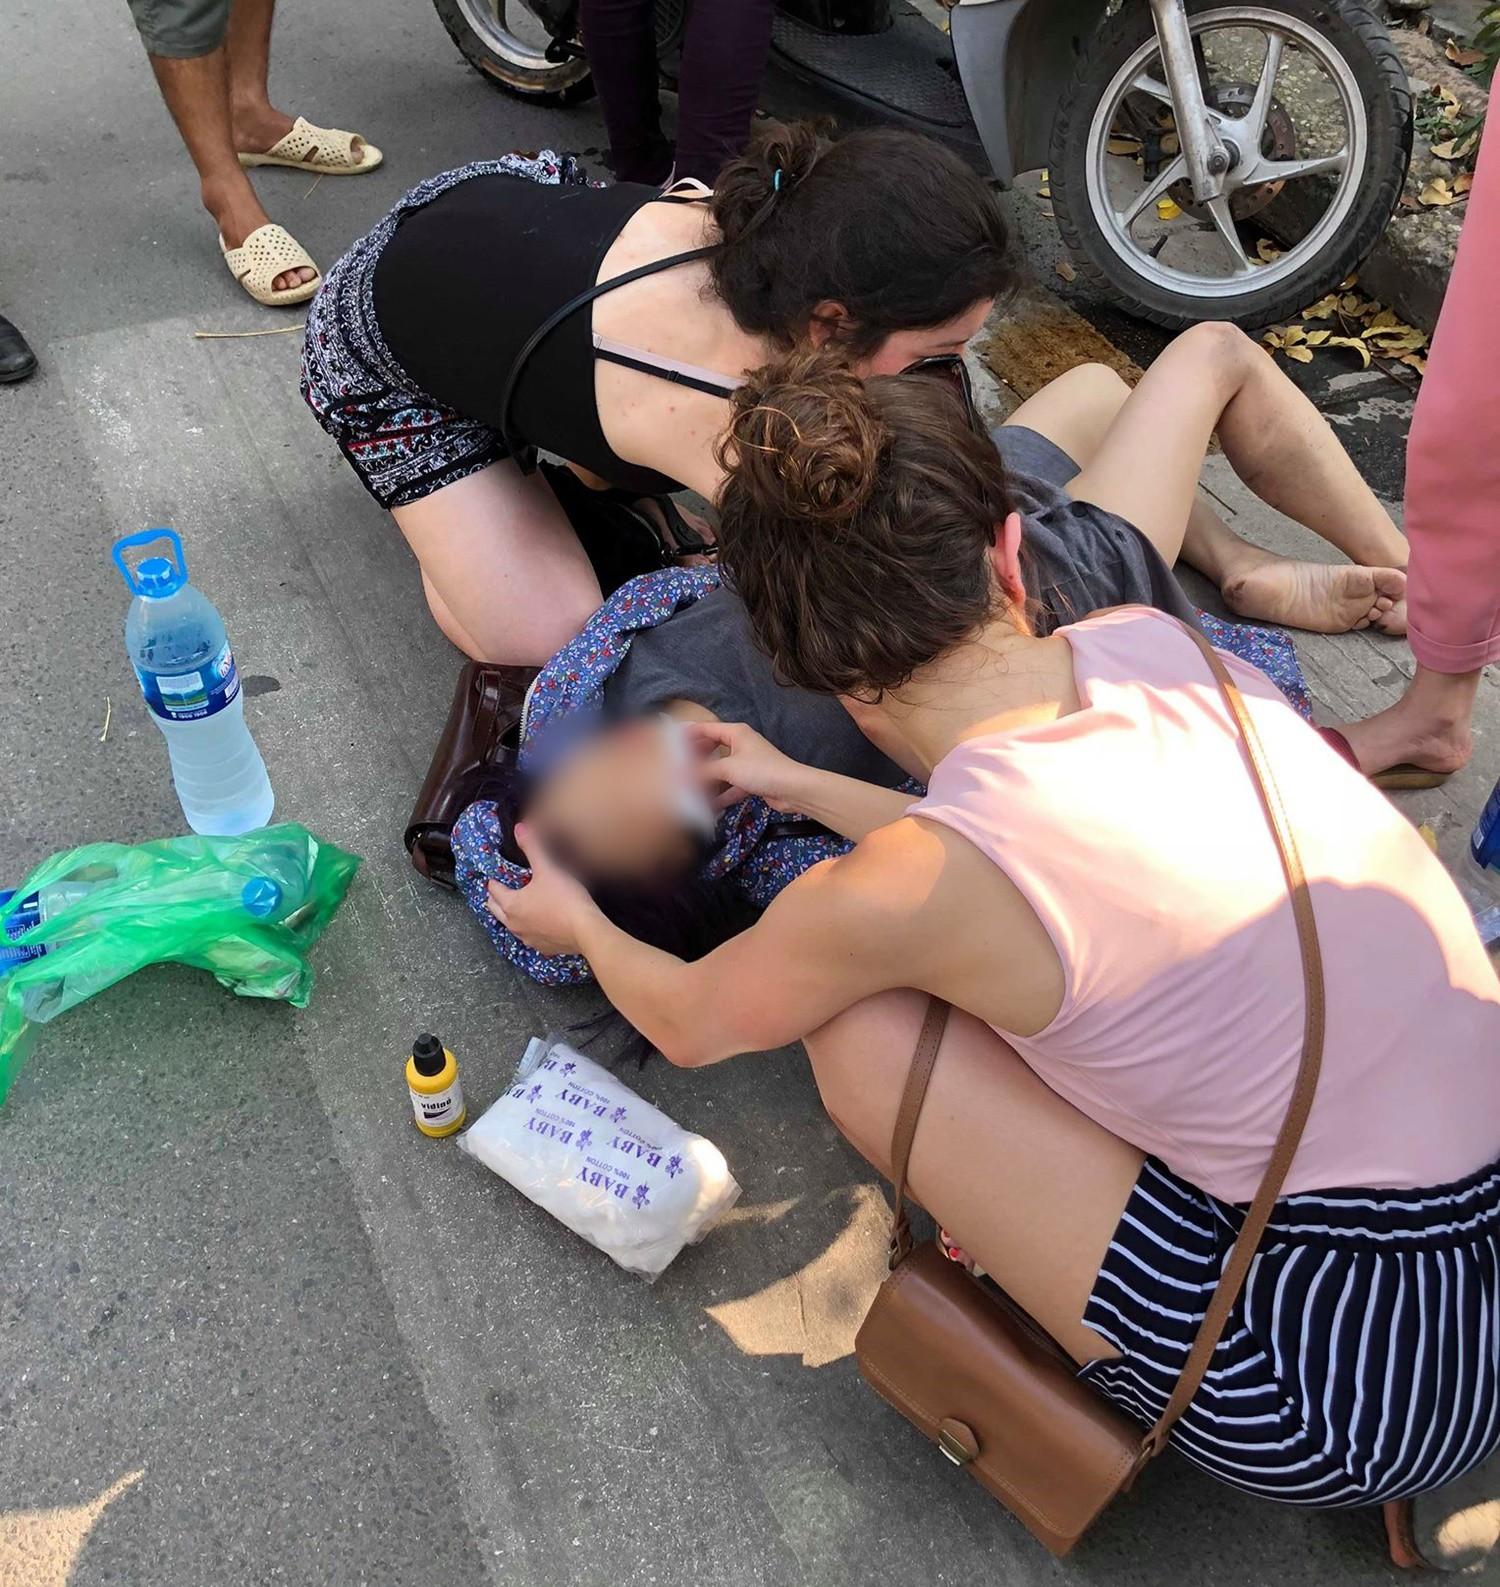 Hà Nội: Nghi say nắng, cô gái tự lao xe vào cột biển báo giao thông được 2 nữ du khách nước ngoài sơ cứu - Ảnh 2.